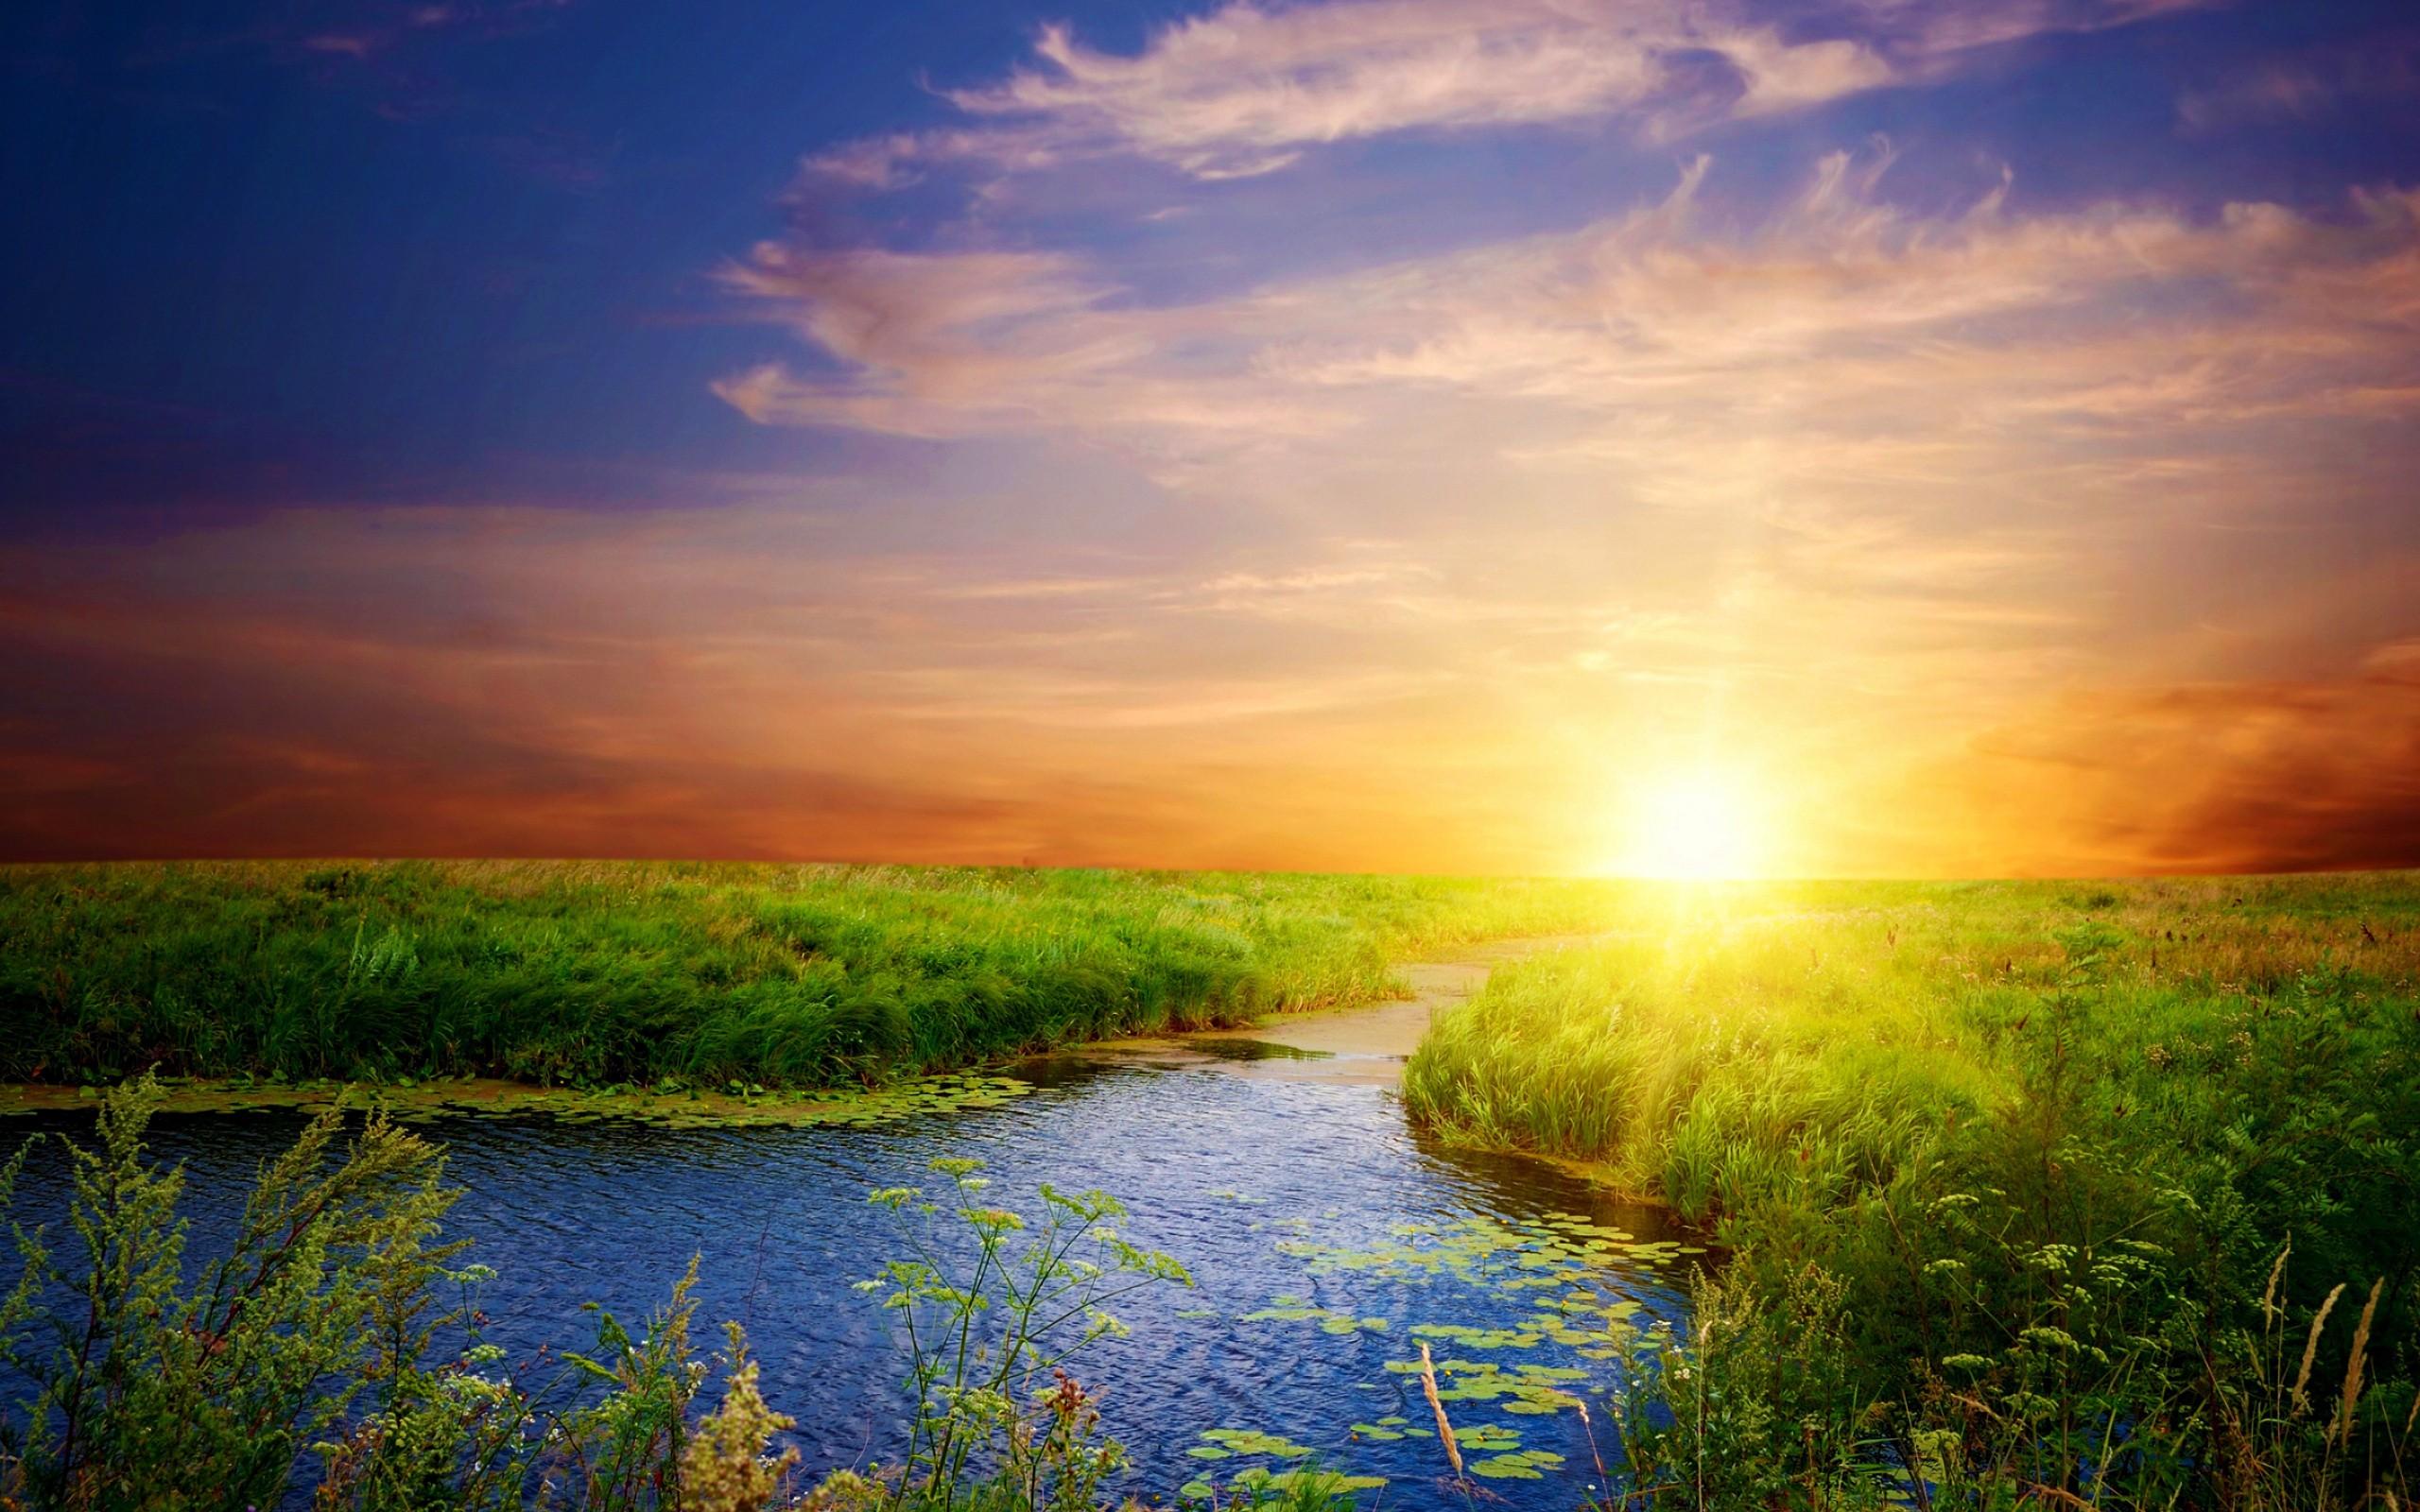 Beautiful Sunlight Wallpaper